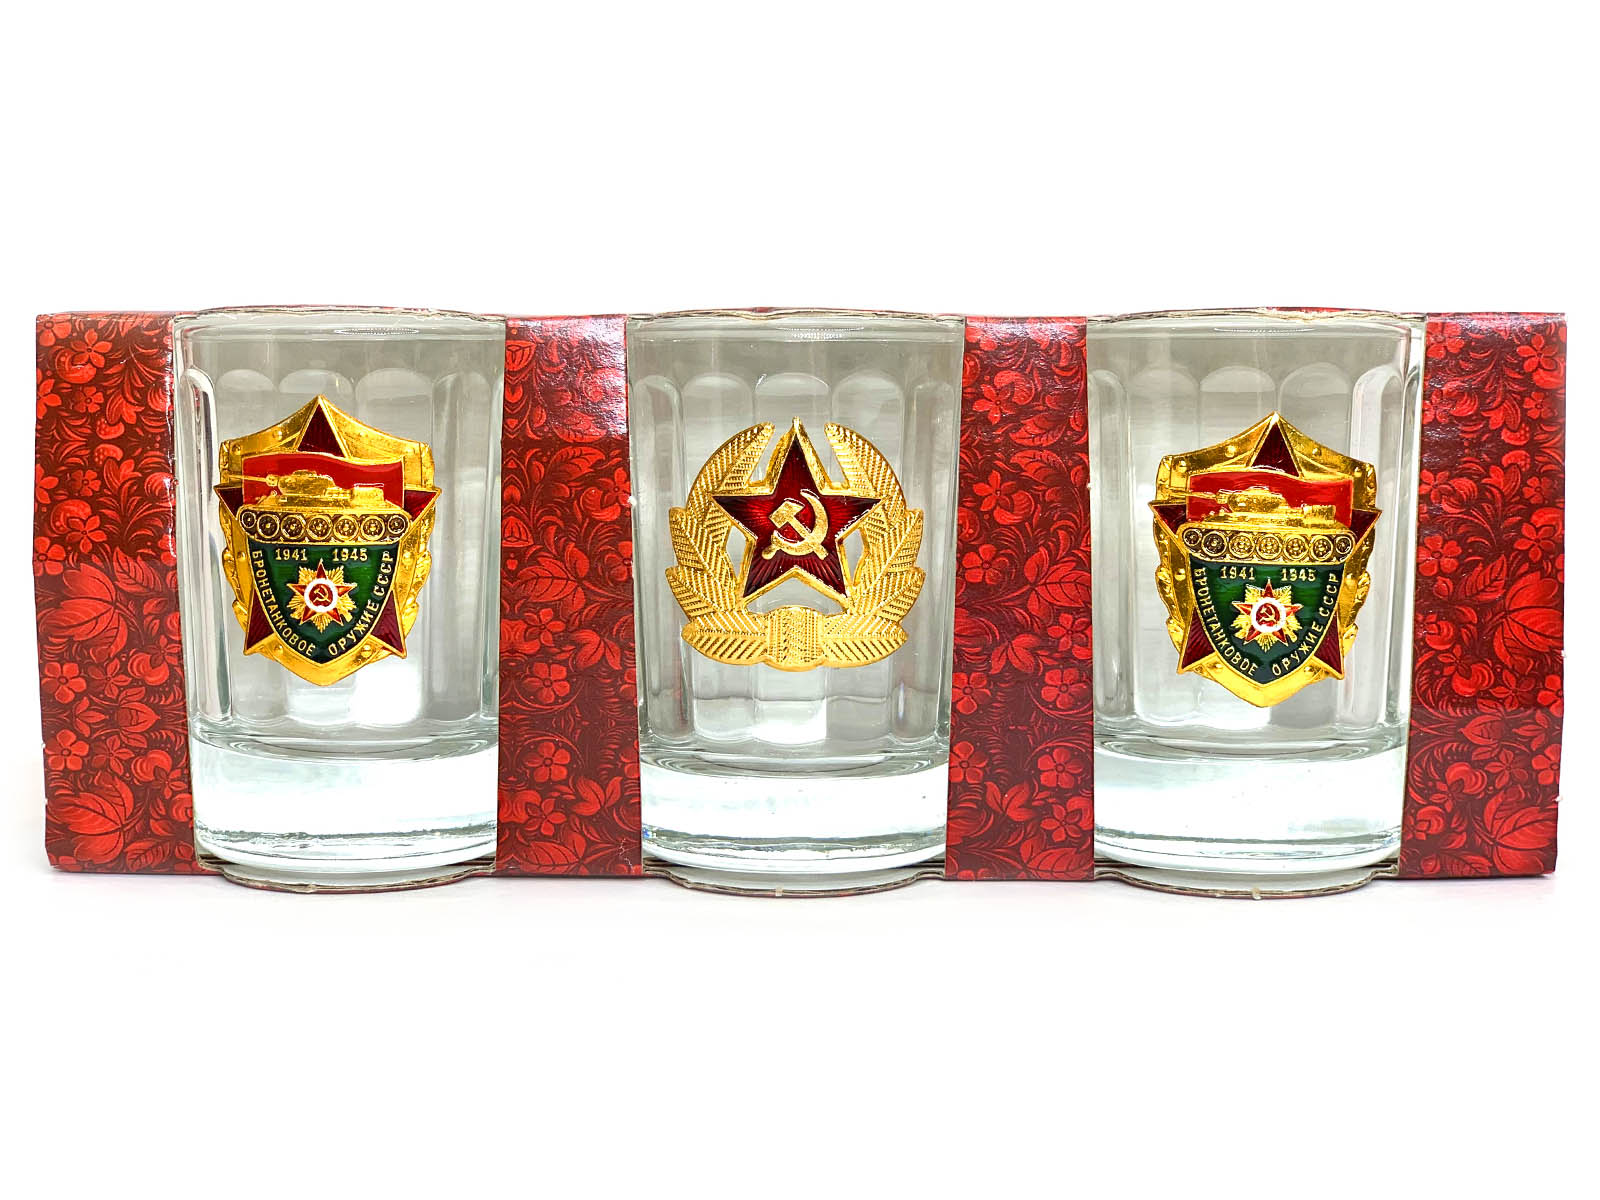 Недорогие подарочные стопки с советской символикой